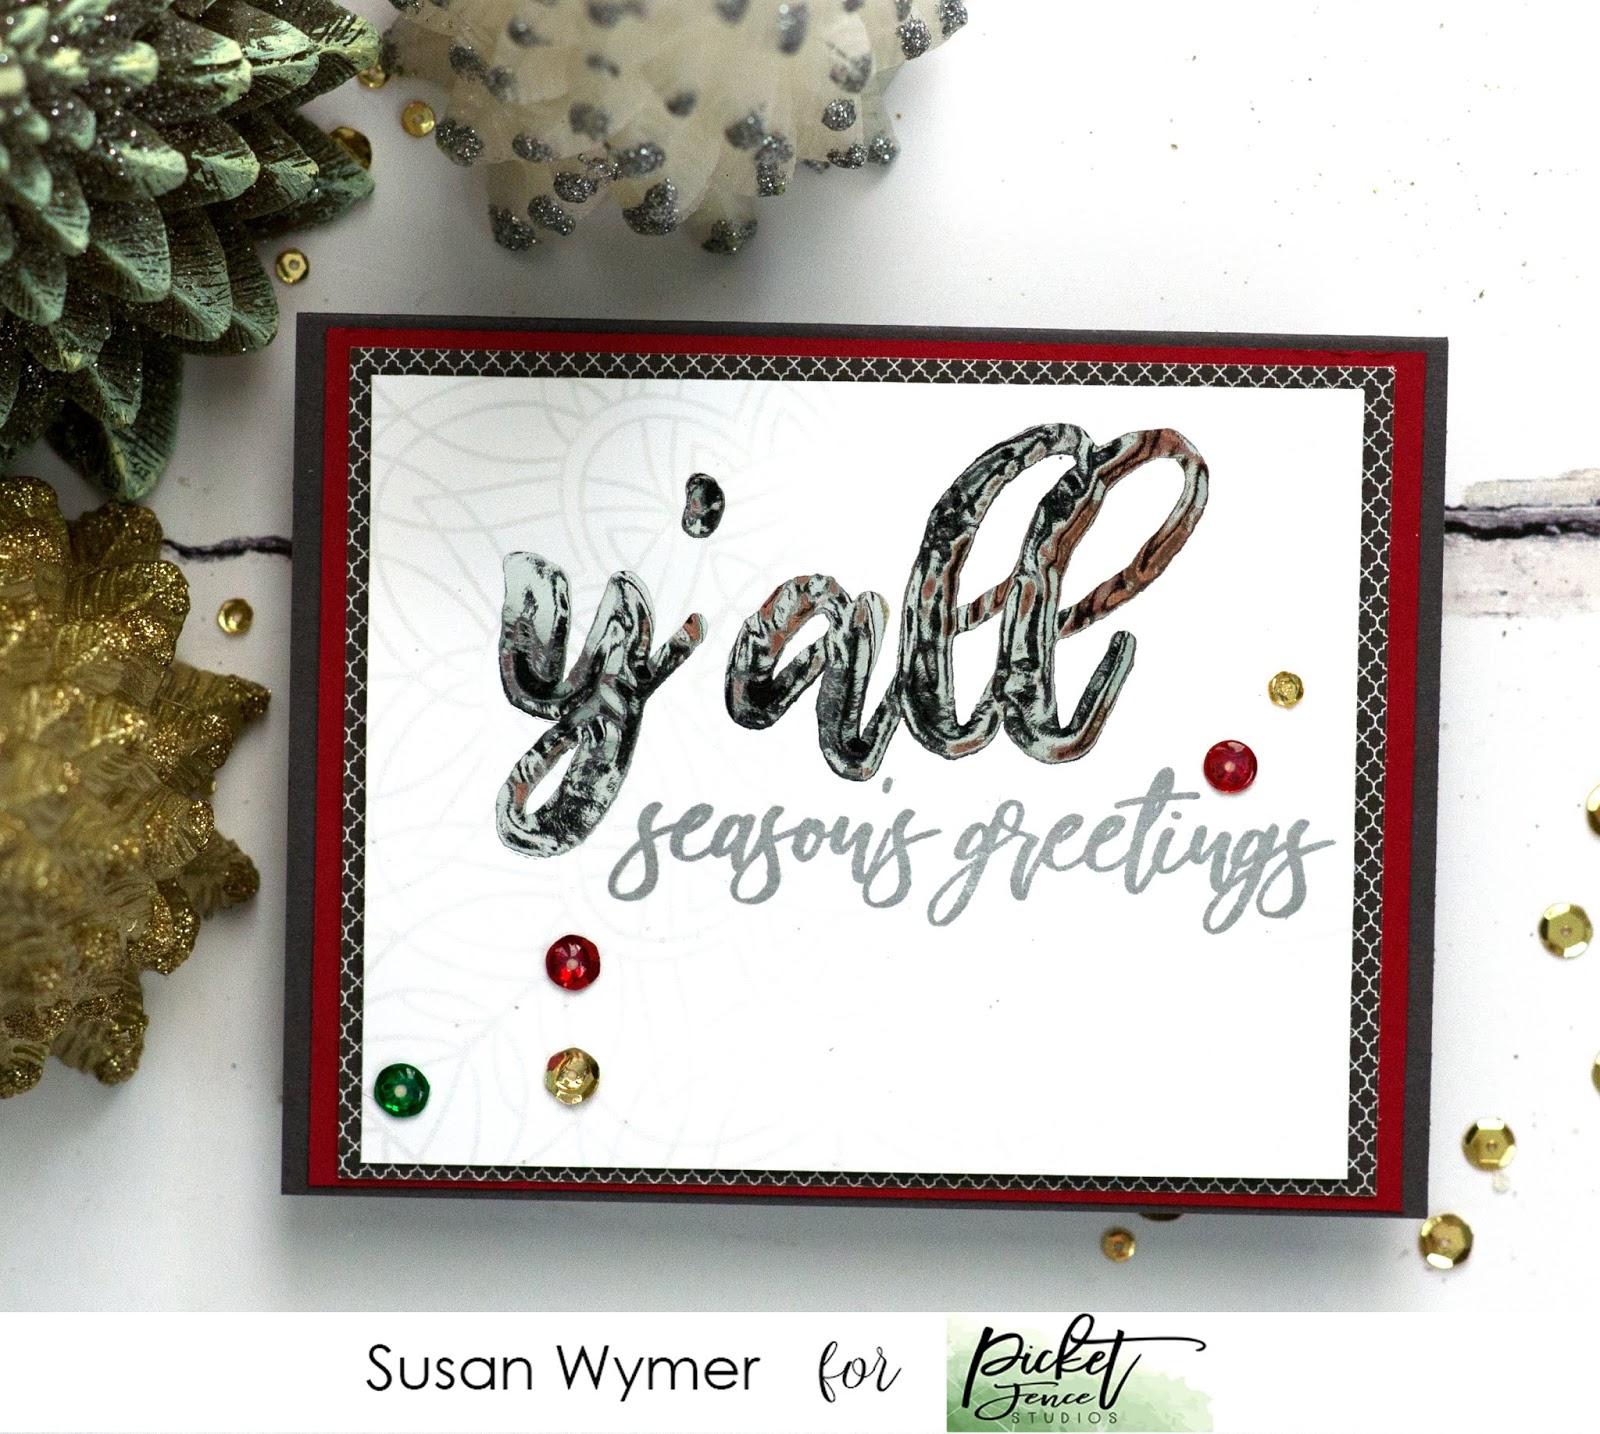 Susan Wymer Card Designs Picket Fence Studios Yall Christmas